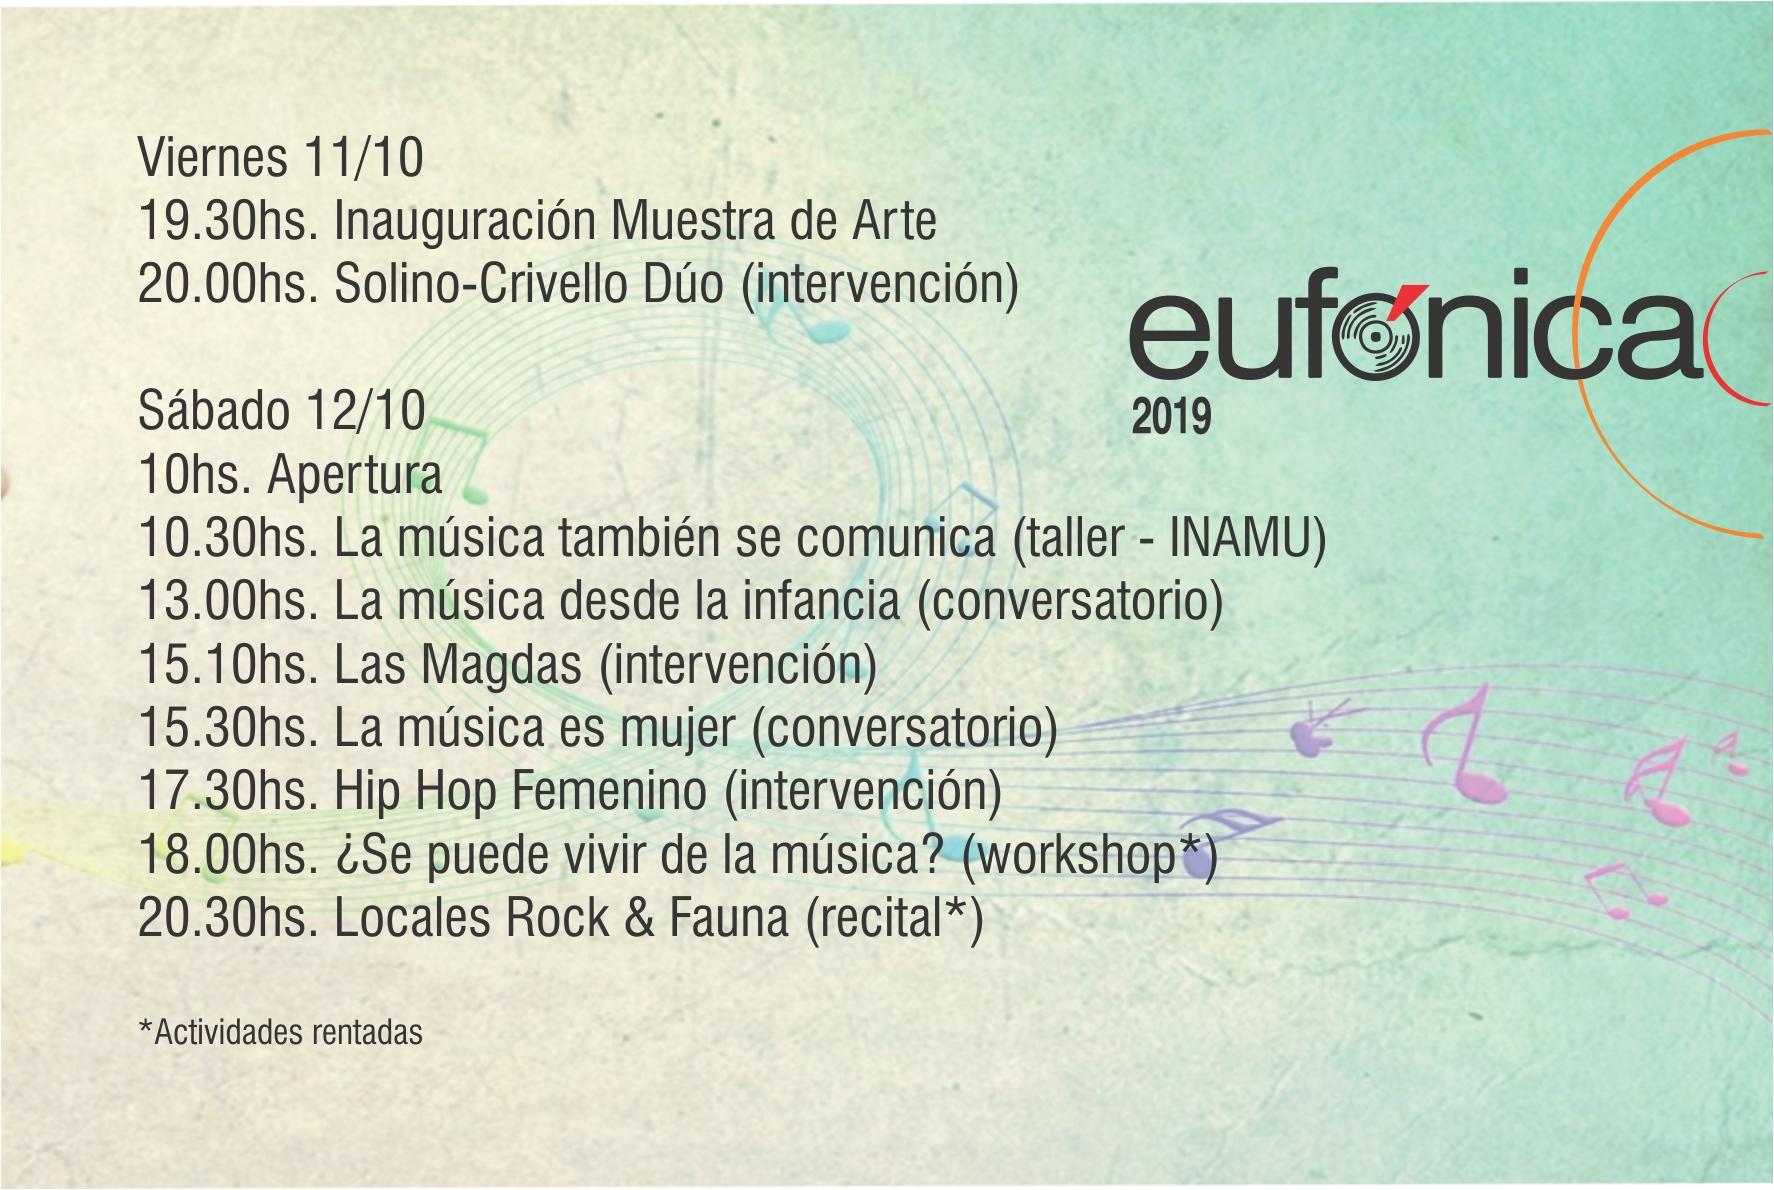 EUFÓNICA 2019: Encuentro de la industria musical en Mar del Plata